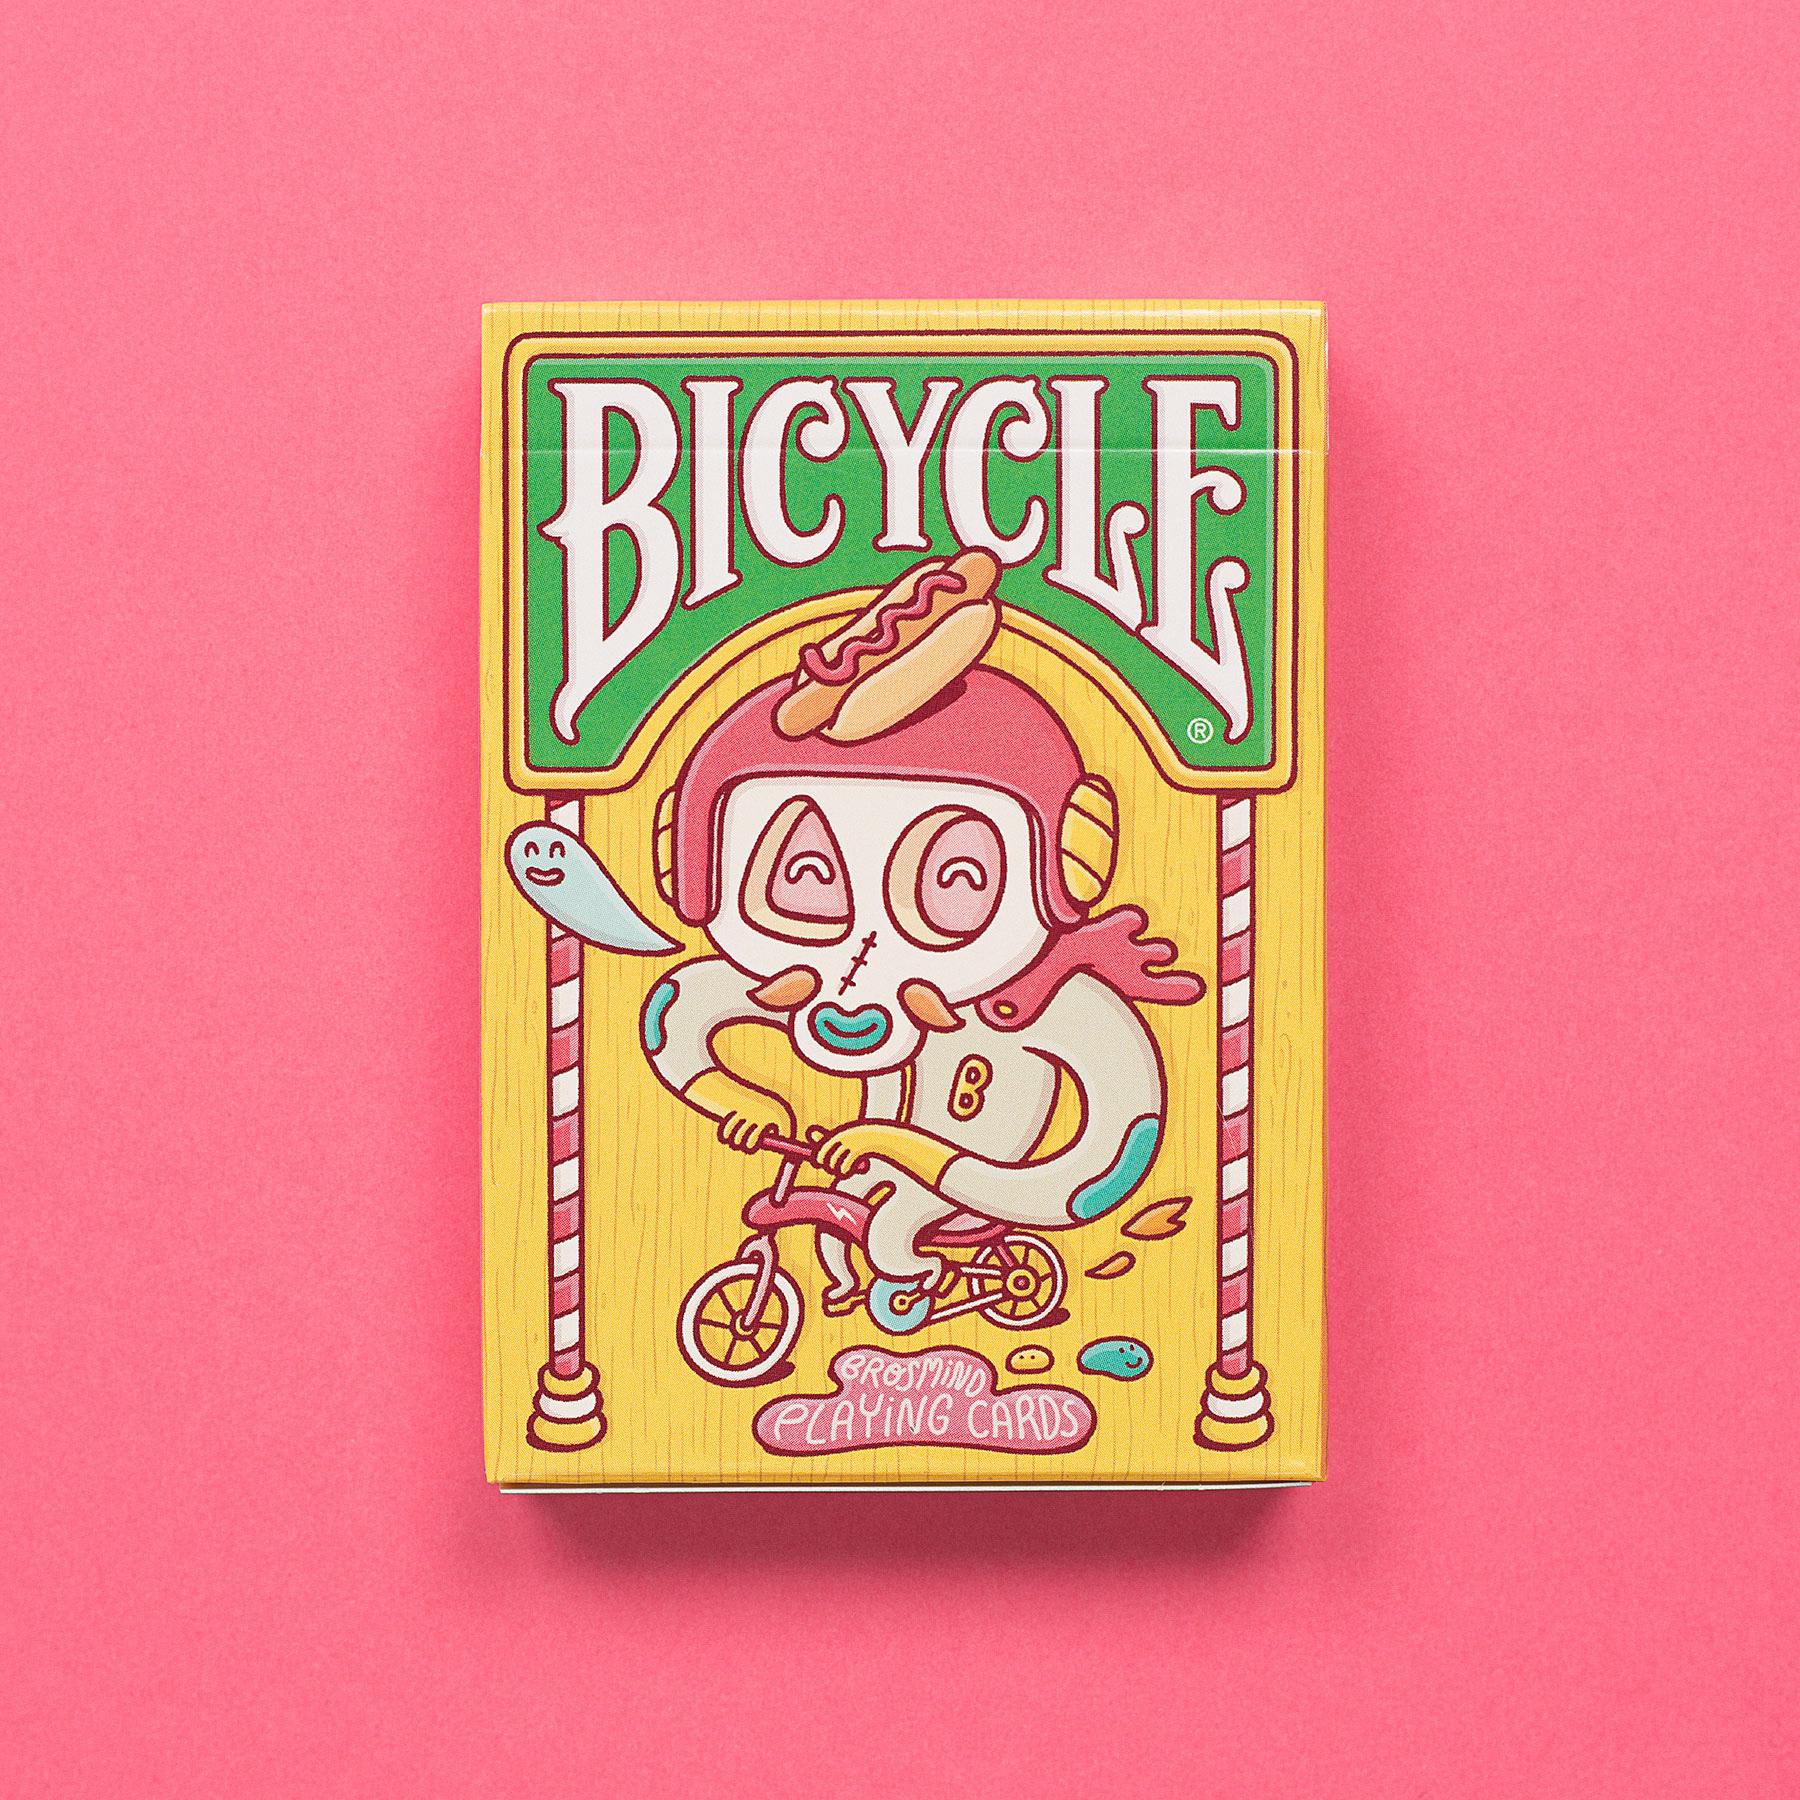 Brosmind + Bicycle Playing Cards